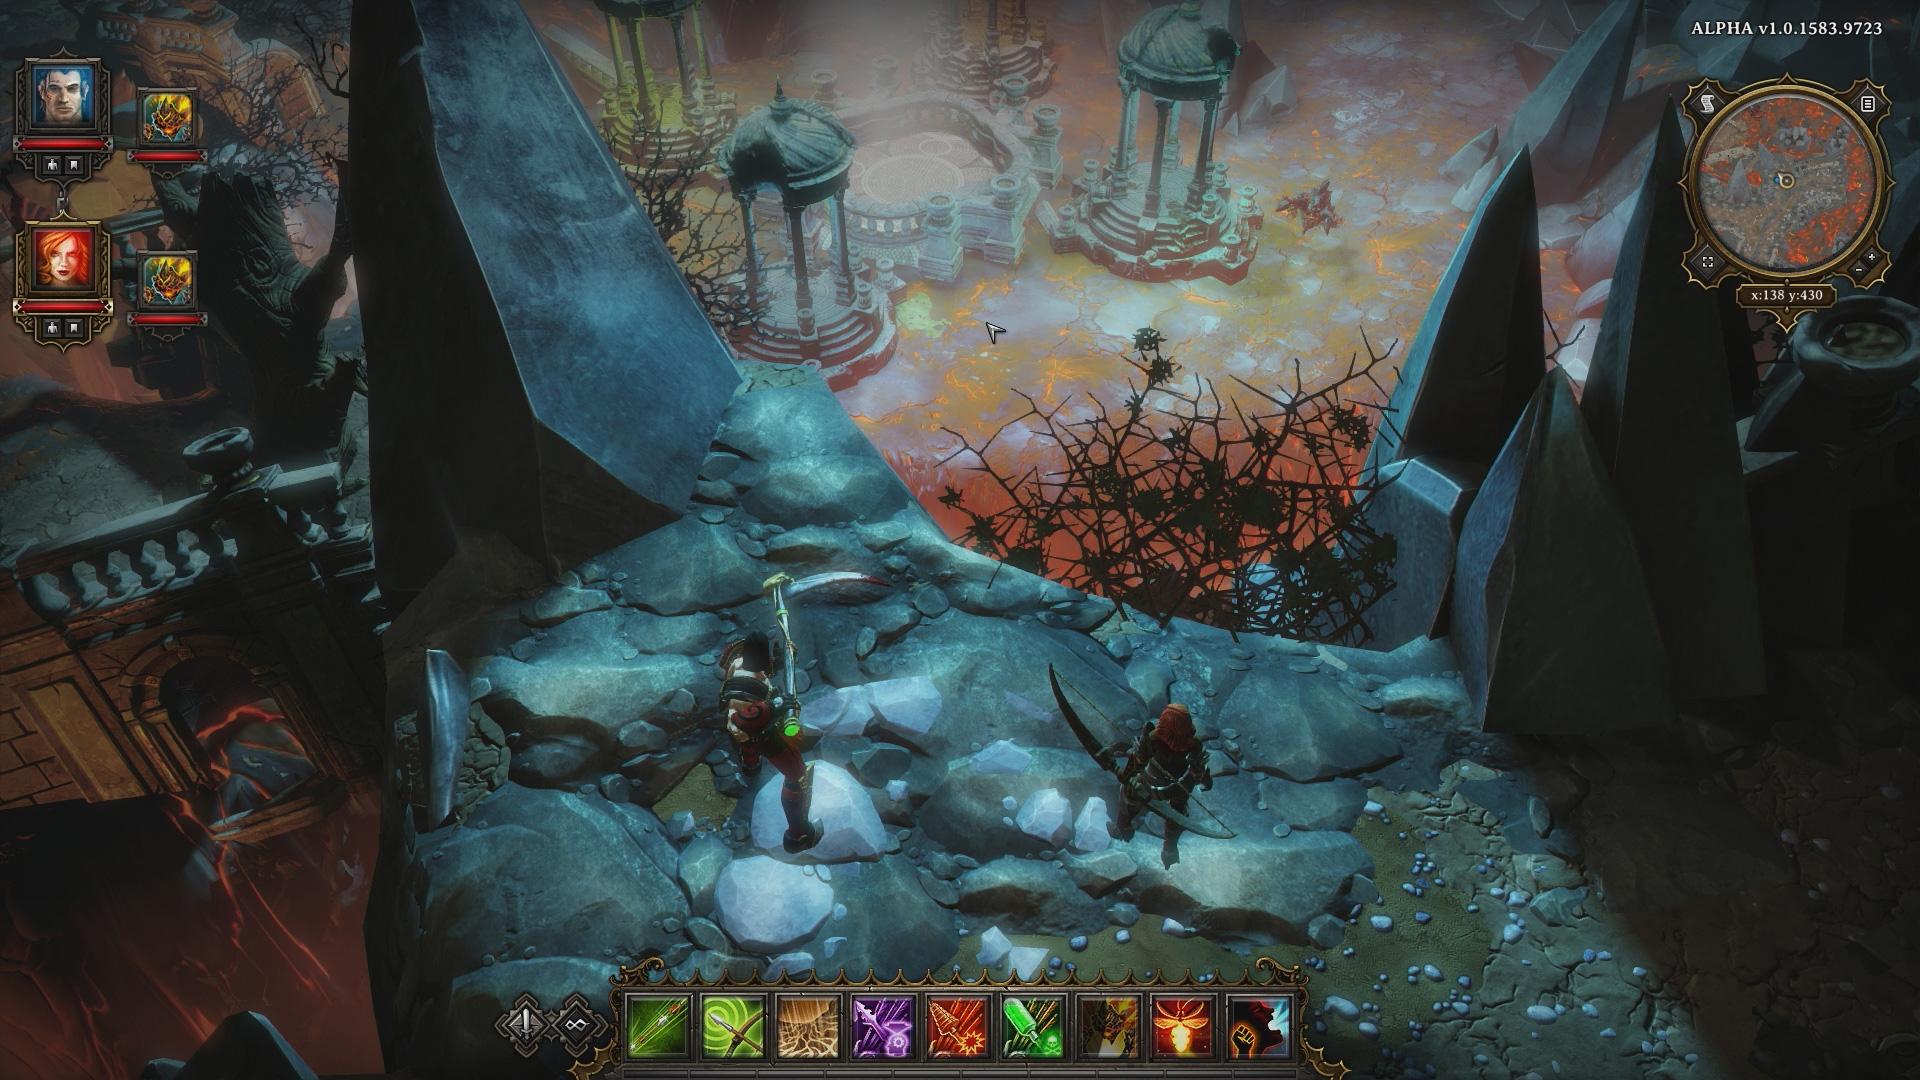 Скриншоты из комп морских корсарских игр секси девчонки